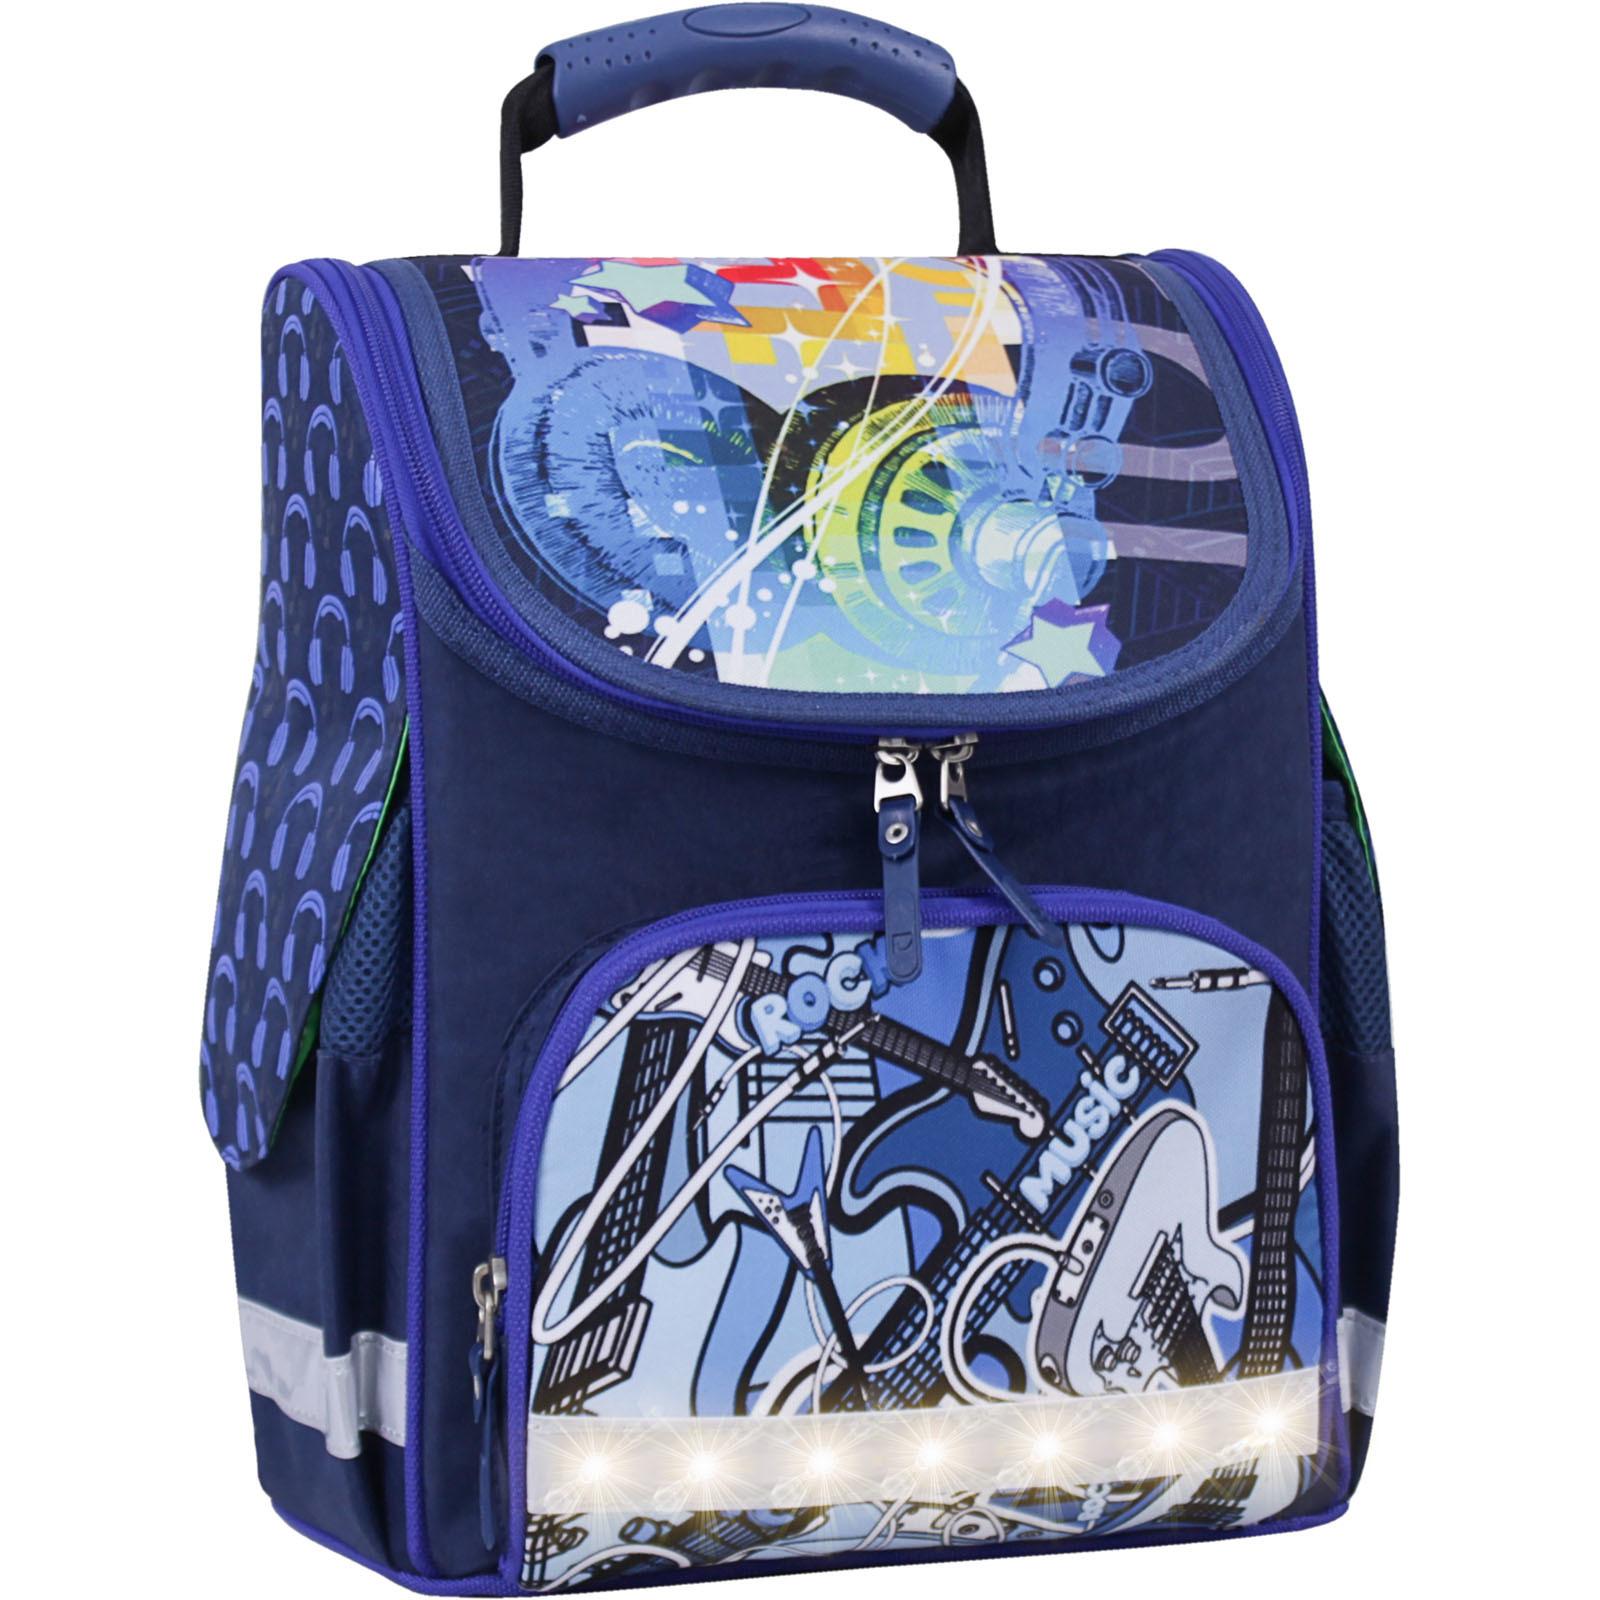 Школьные рюкзаки Рюкзак школьный каркасный с фонариками Bagland Успех 12 л. синий 614 (00551703) IMG_3803свет.суб614-1600.jpg